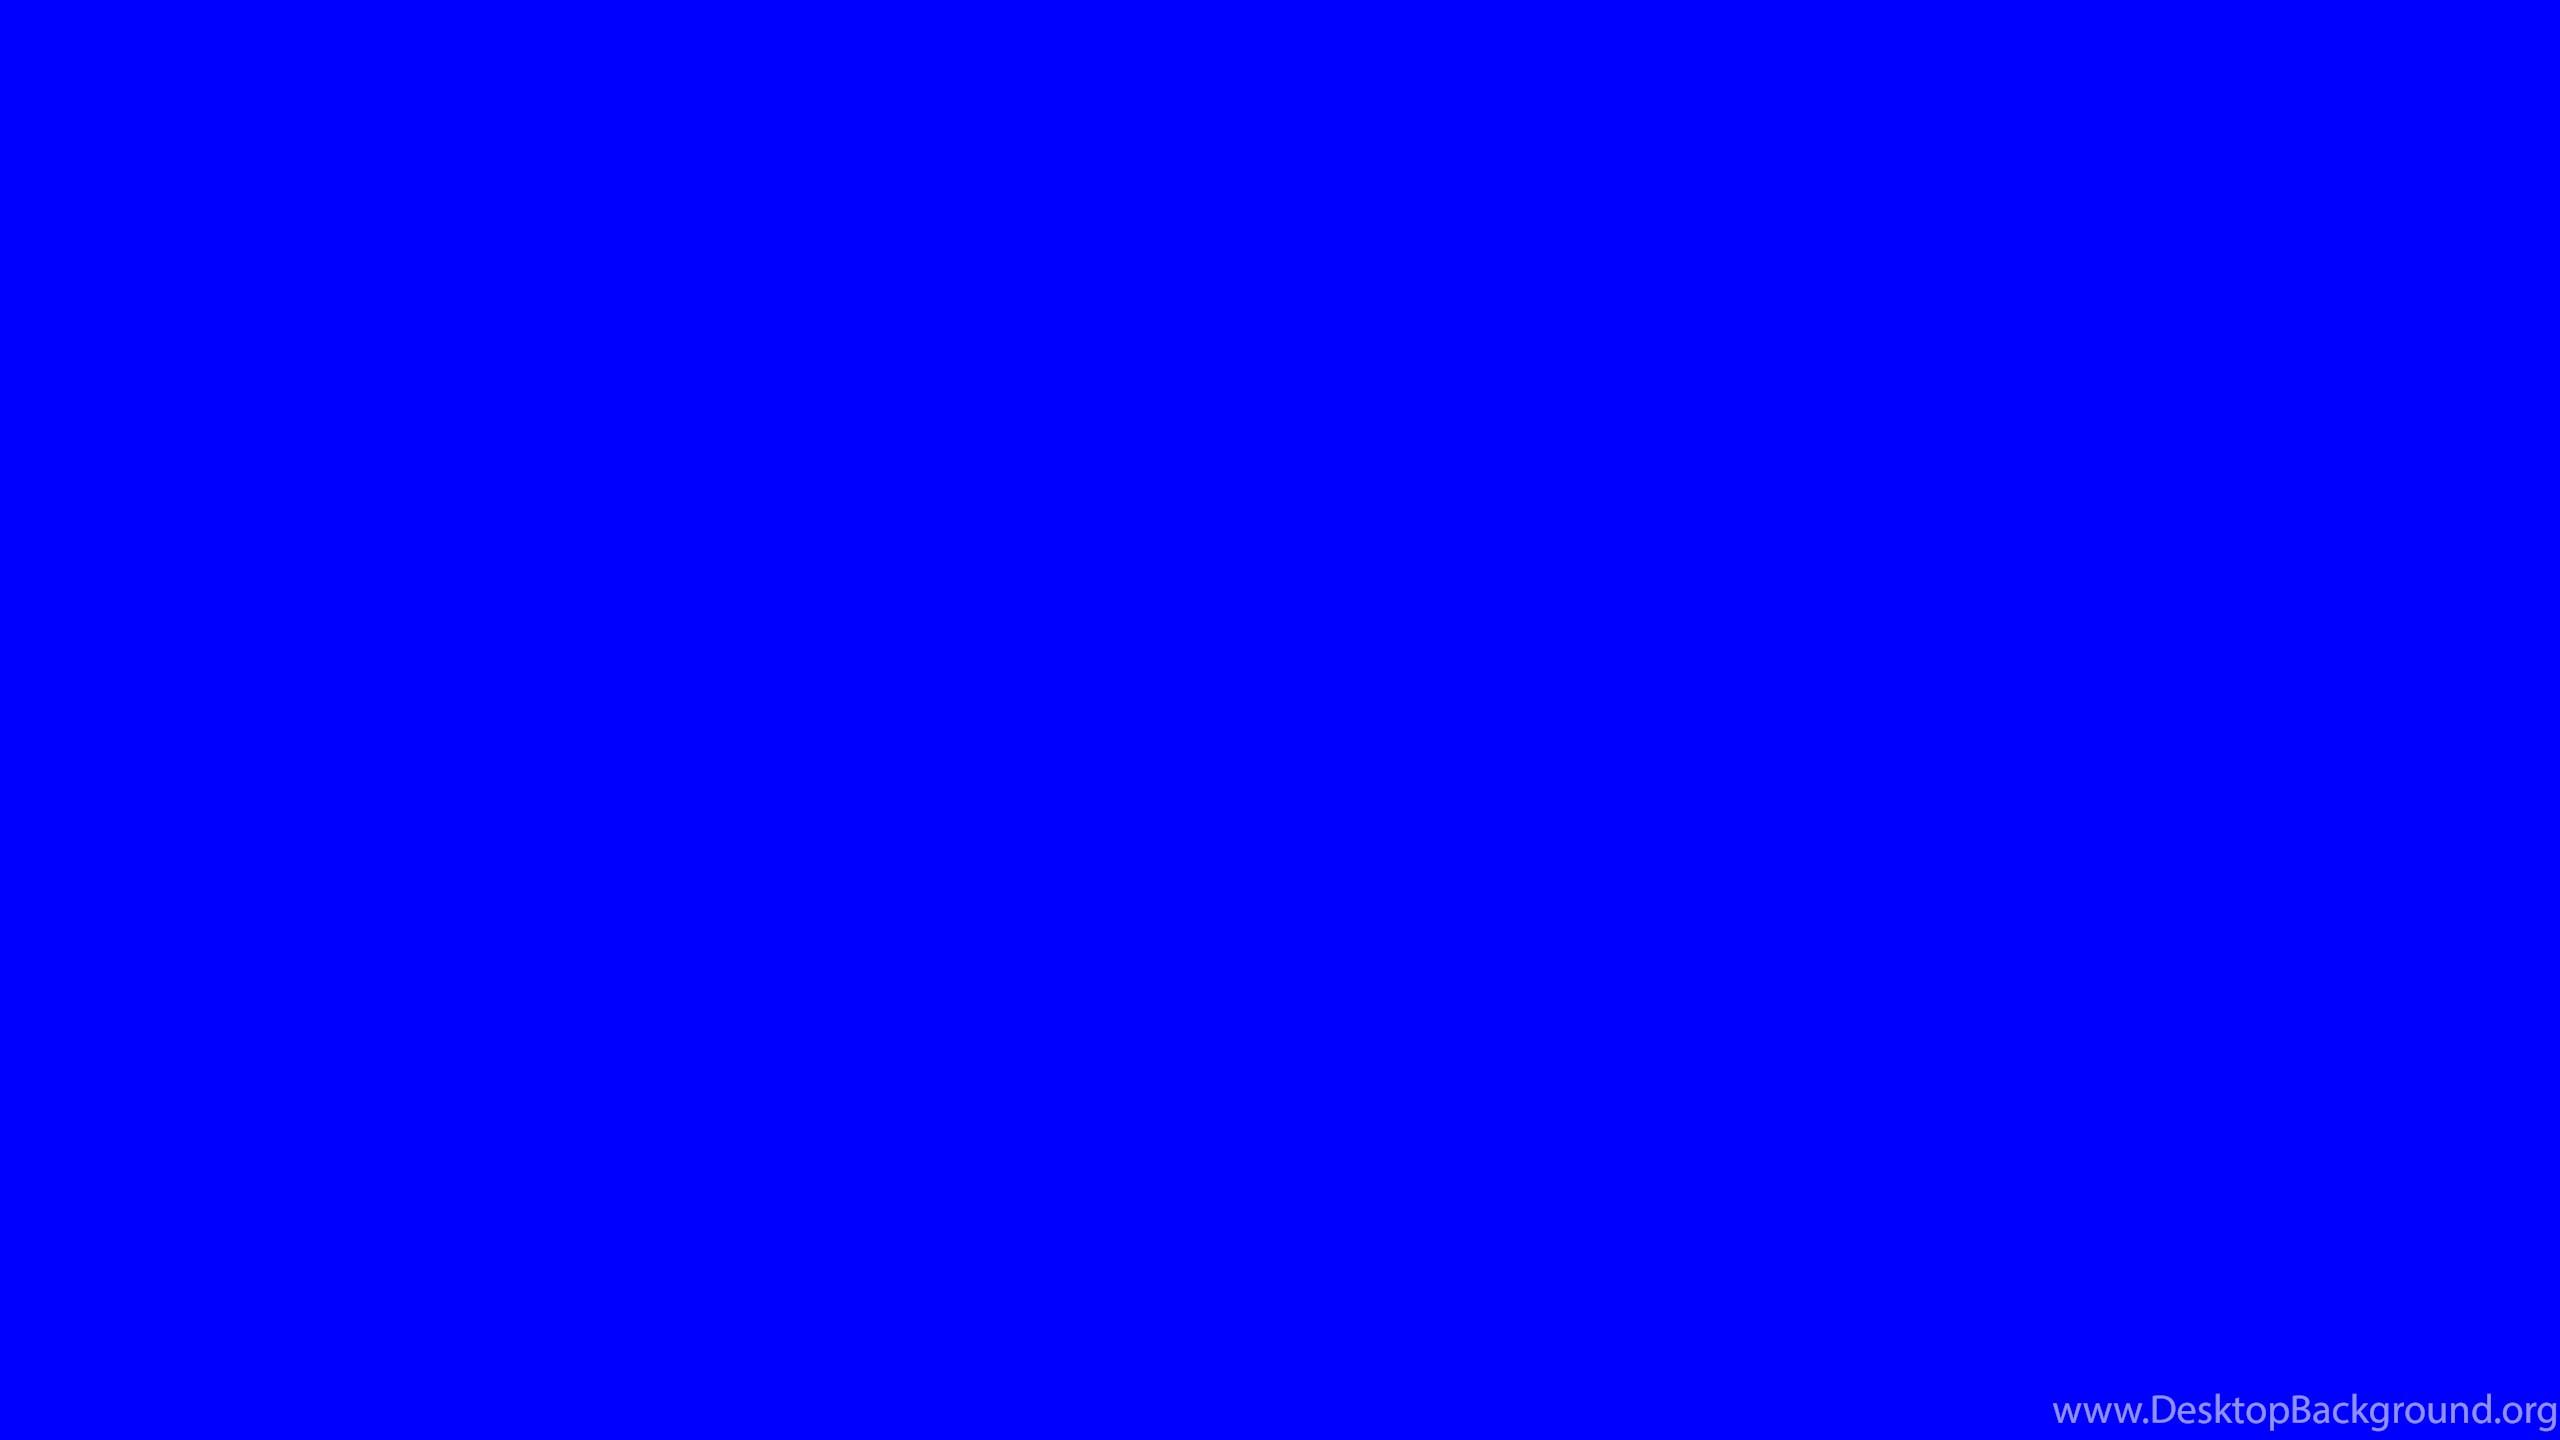 2560x1440 blue solid color background jpg Desktop Background